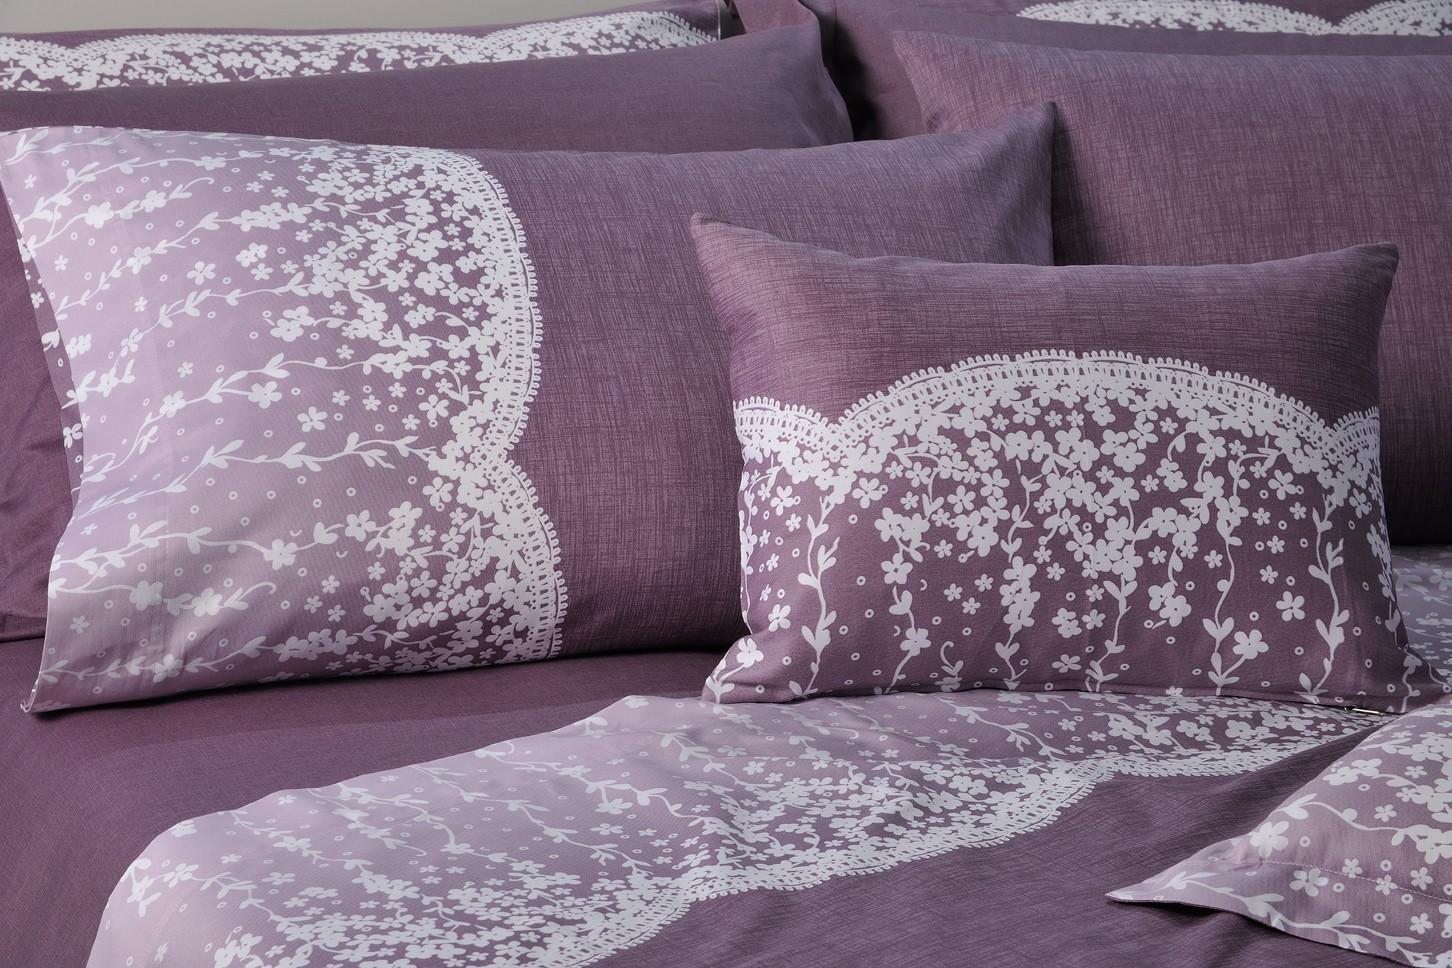 Παπλωματοθήκη Υπέρδιπλη (Σετ) Down Town Primo Lace Purple S 622